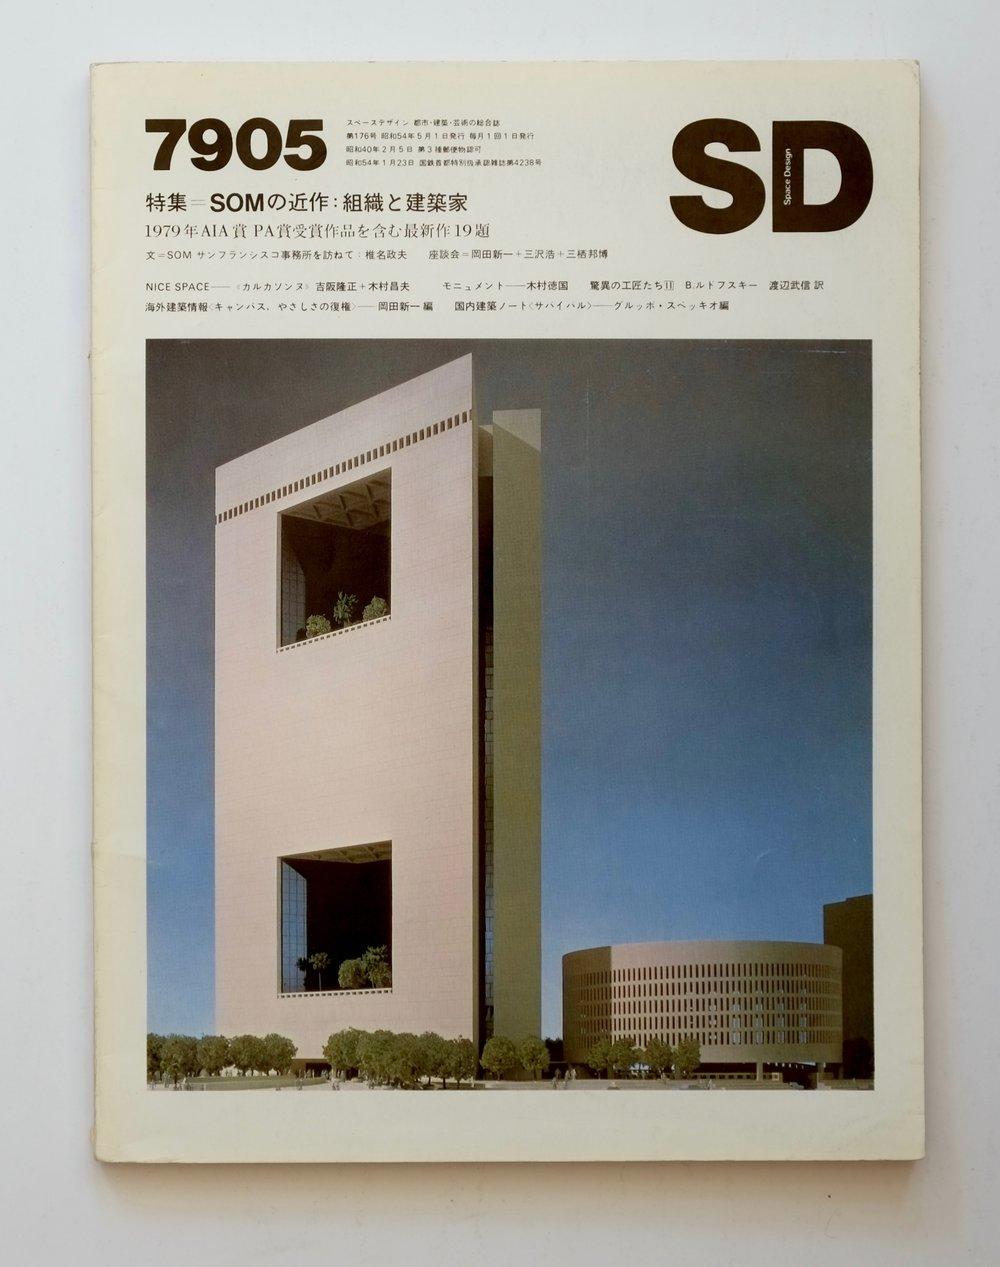 DSCF2730.jpg